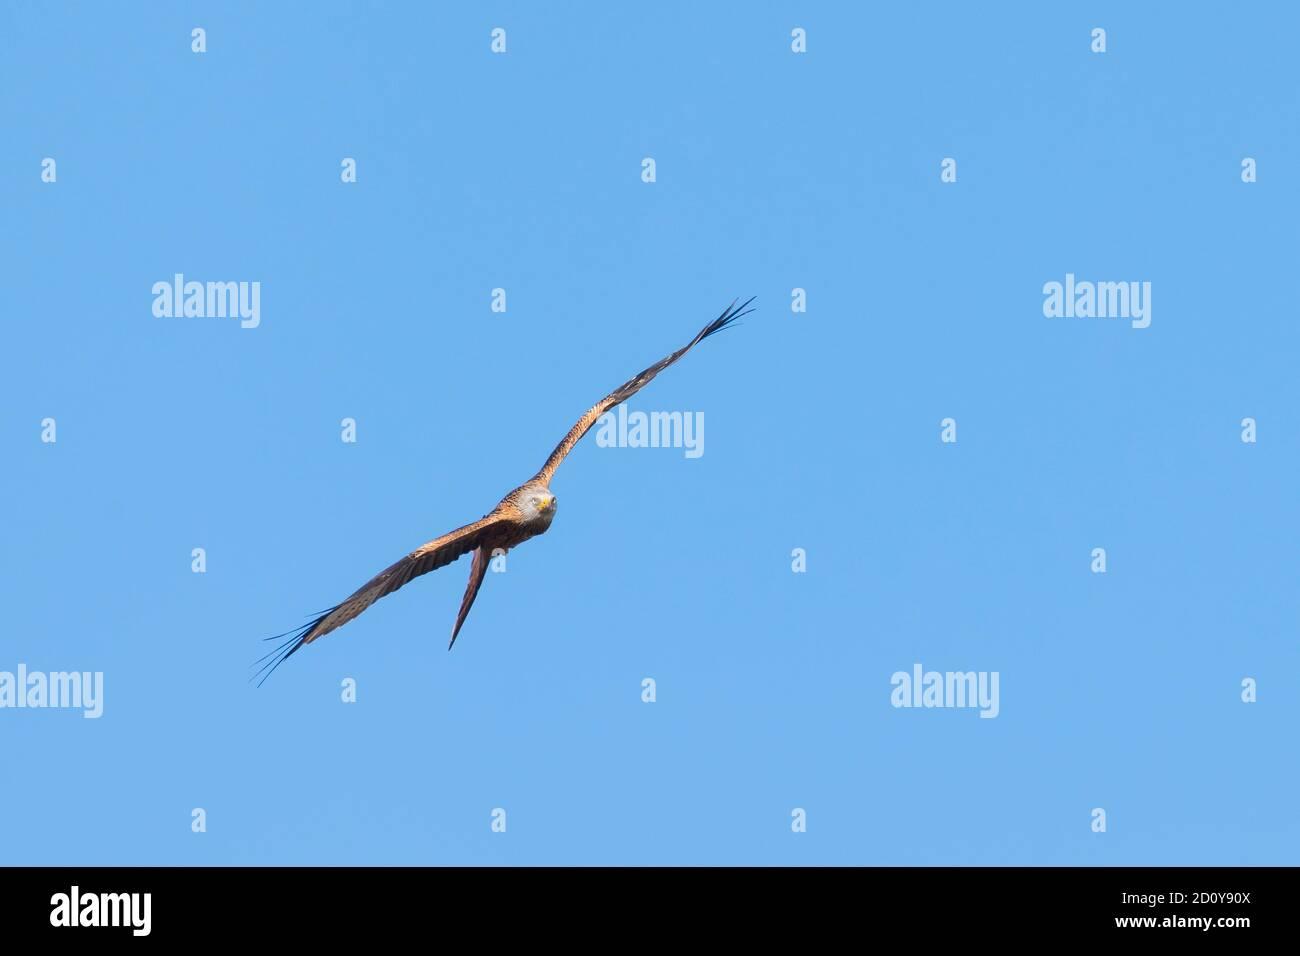 Red Kite, Milvus milvus, en vuelo contra el cielo azul, Dumfries & Galloway, Escocia Foto de stock